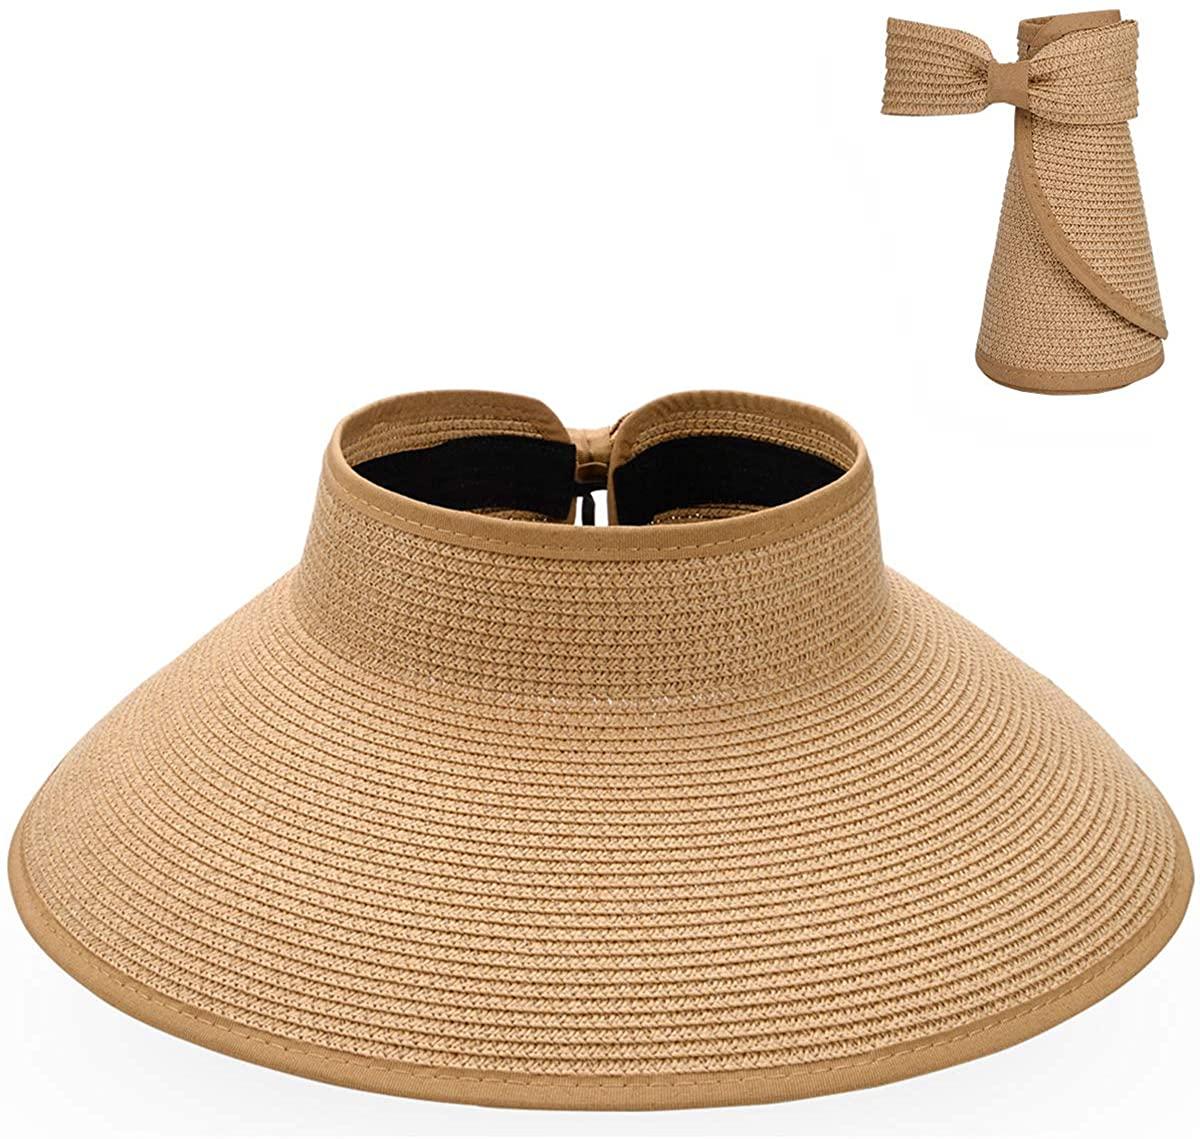 Maylisacc Sombrero de Visera Plegable Verano Sombrero para el Sol Mujeres con Bowknot para Damas UPF50